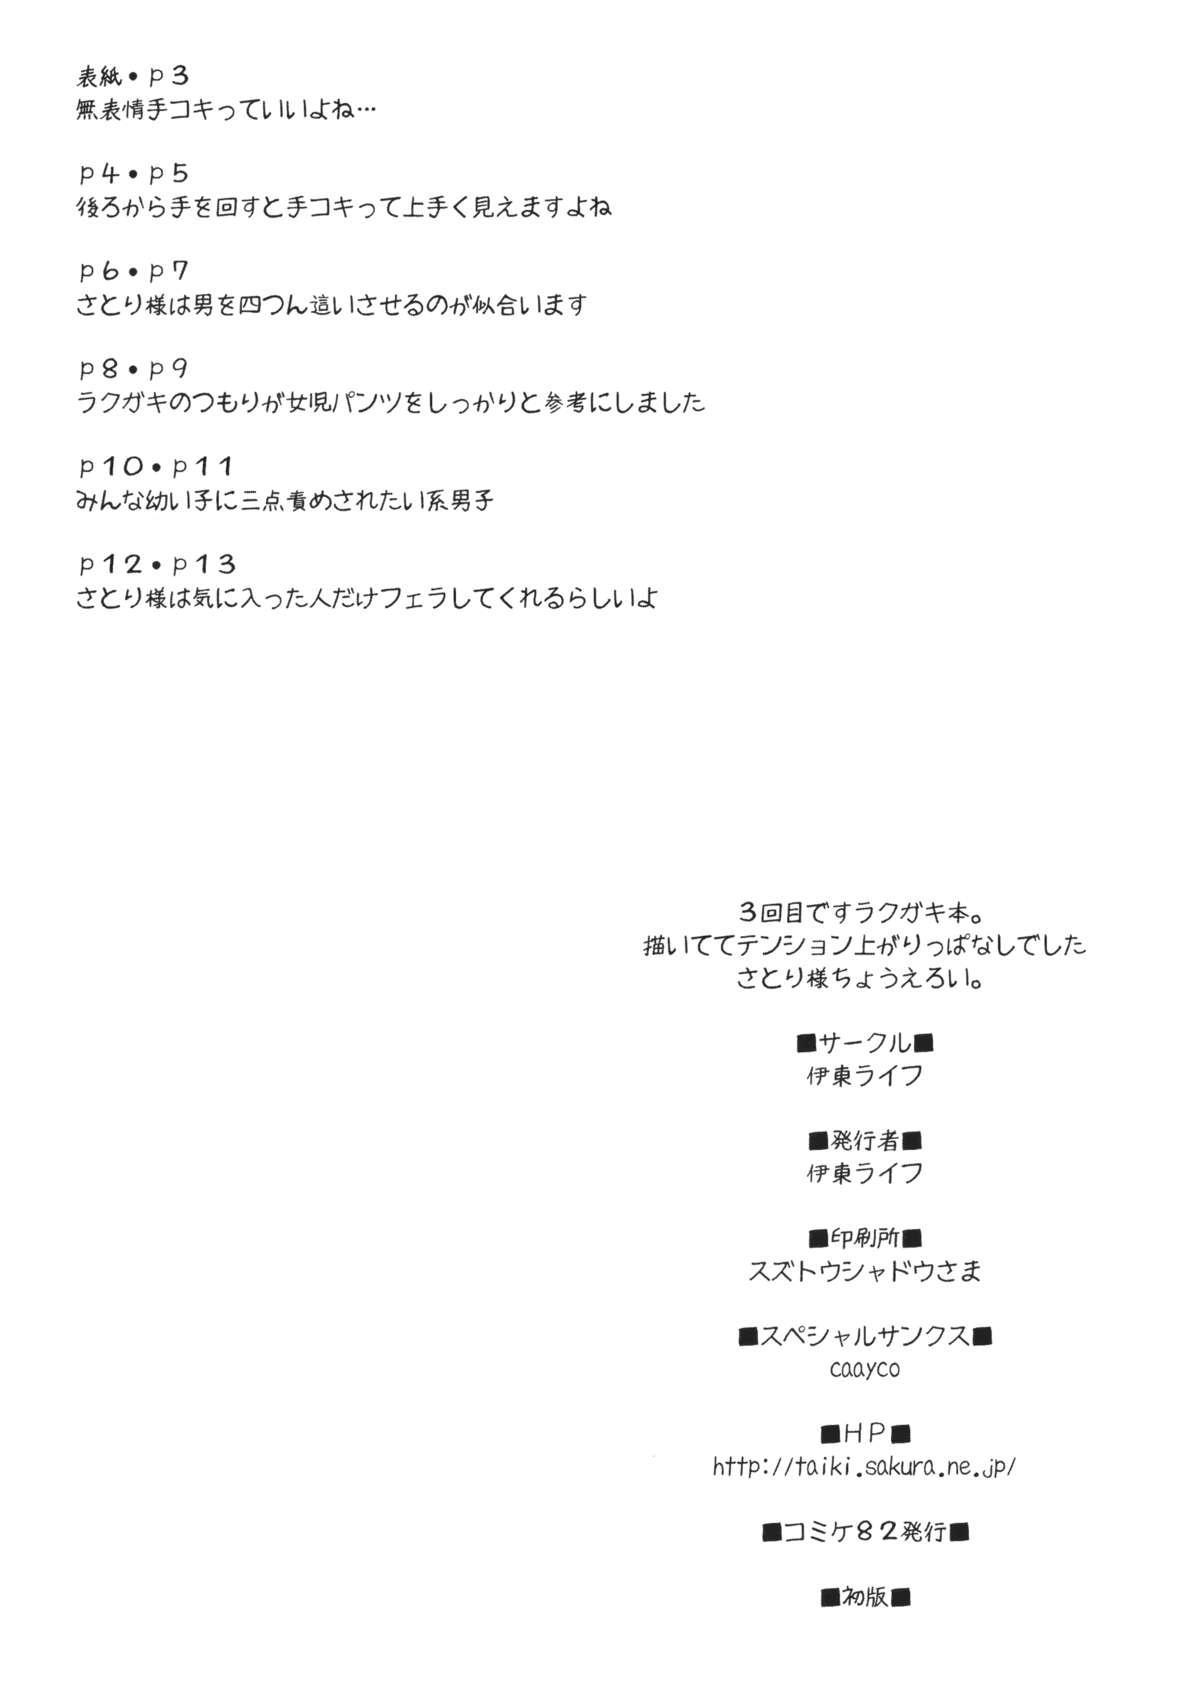 Itou Life Rakugaki Bon 3 Satori-sama ni Tantan to Tekoki shite morau Hon 12